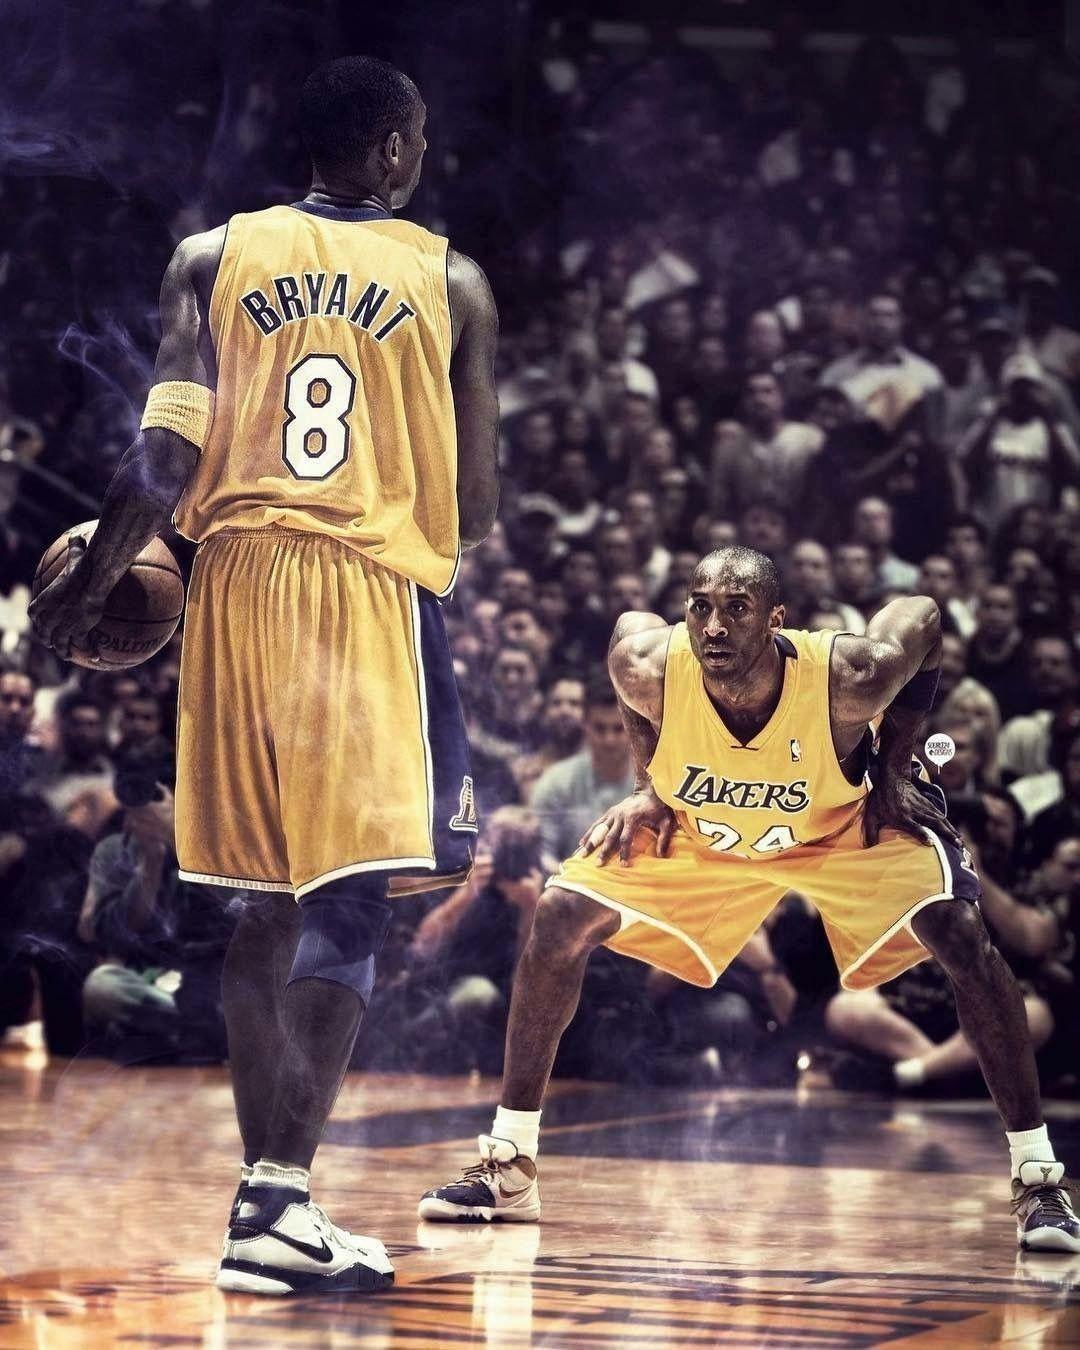 8 Vs 24 Kobe Bryant Poster Kobe Bryant Wallpaper Kobe Bryant Black Mamba